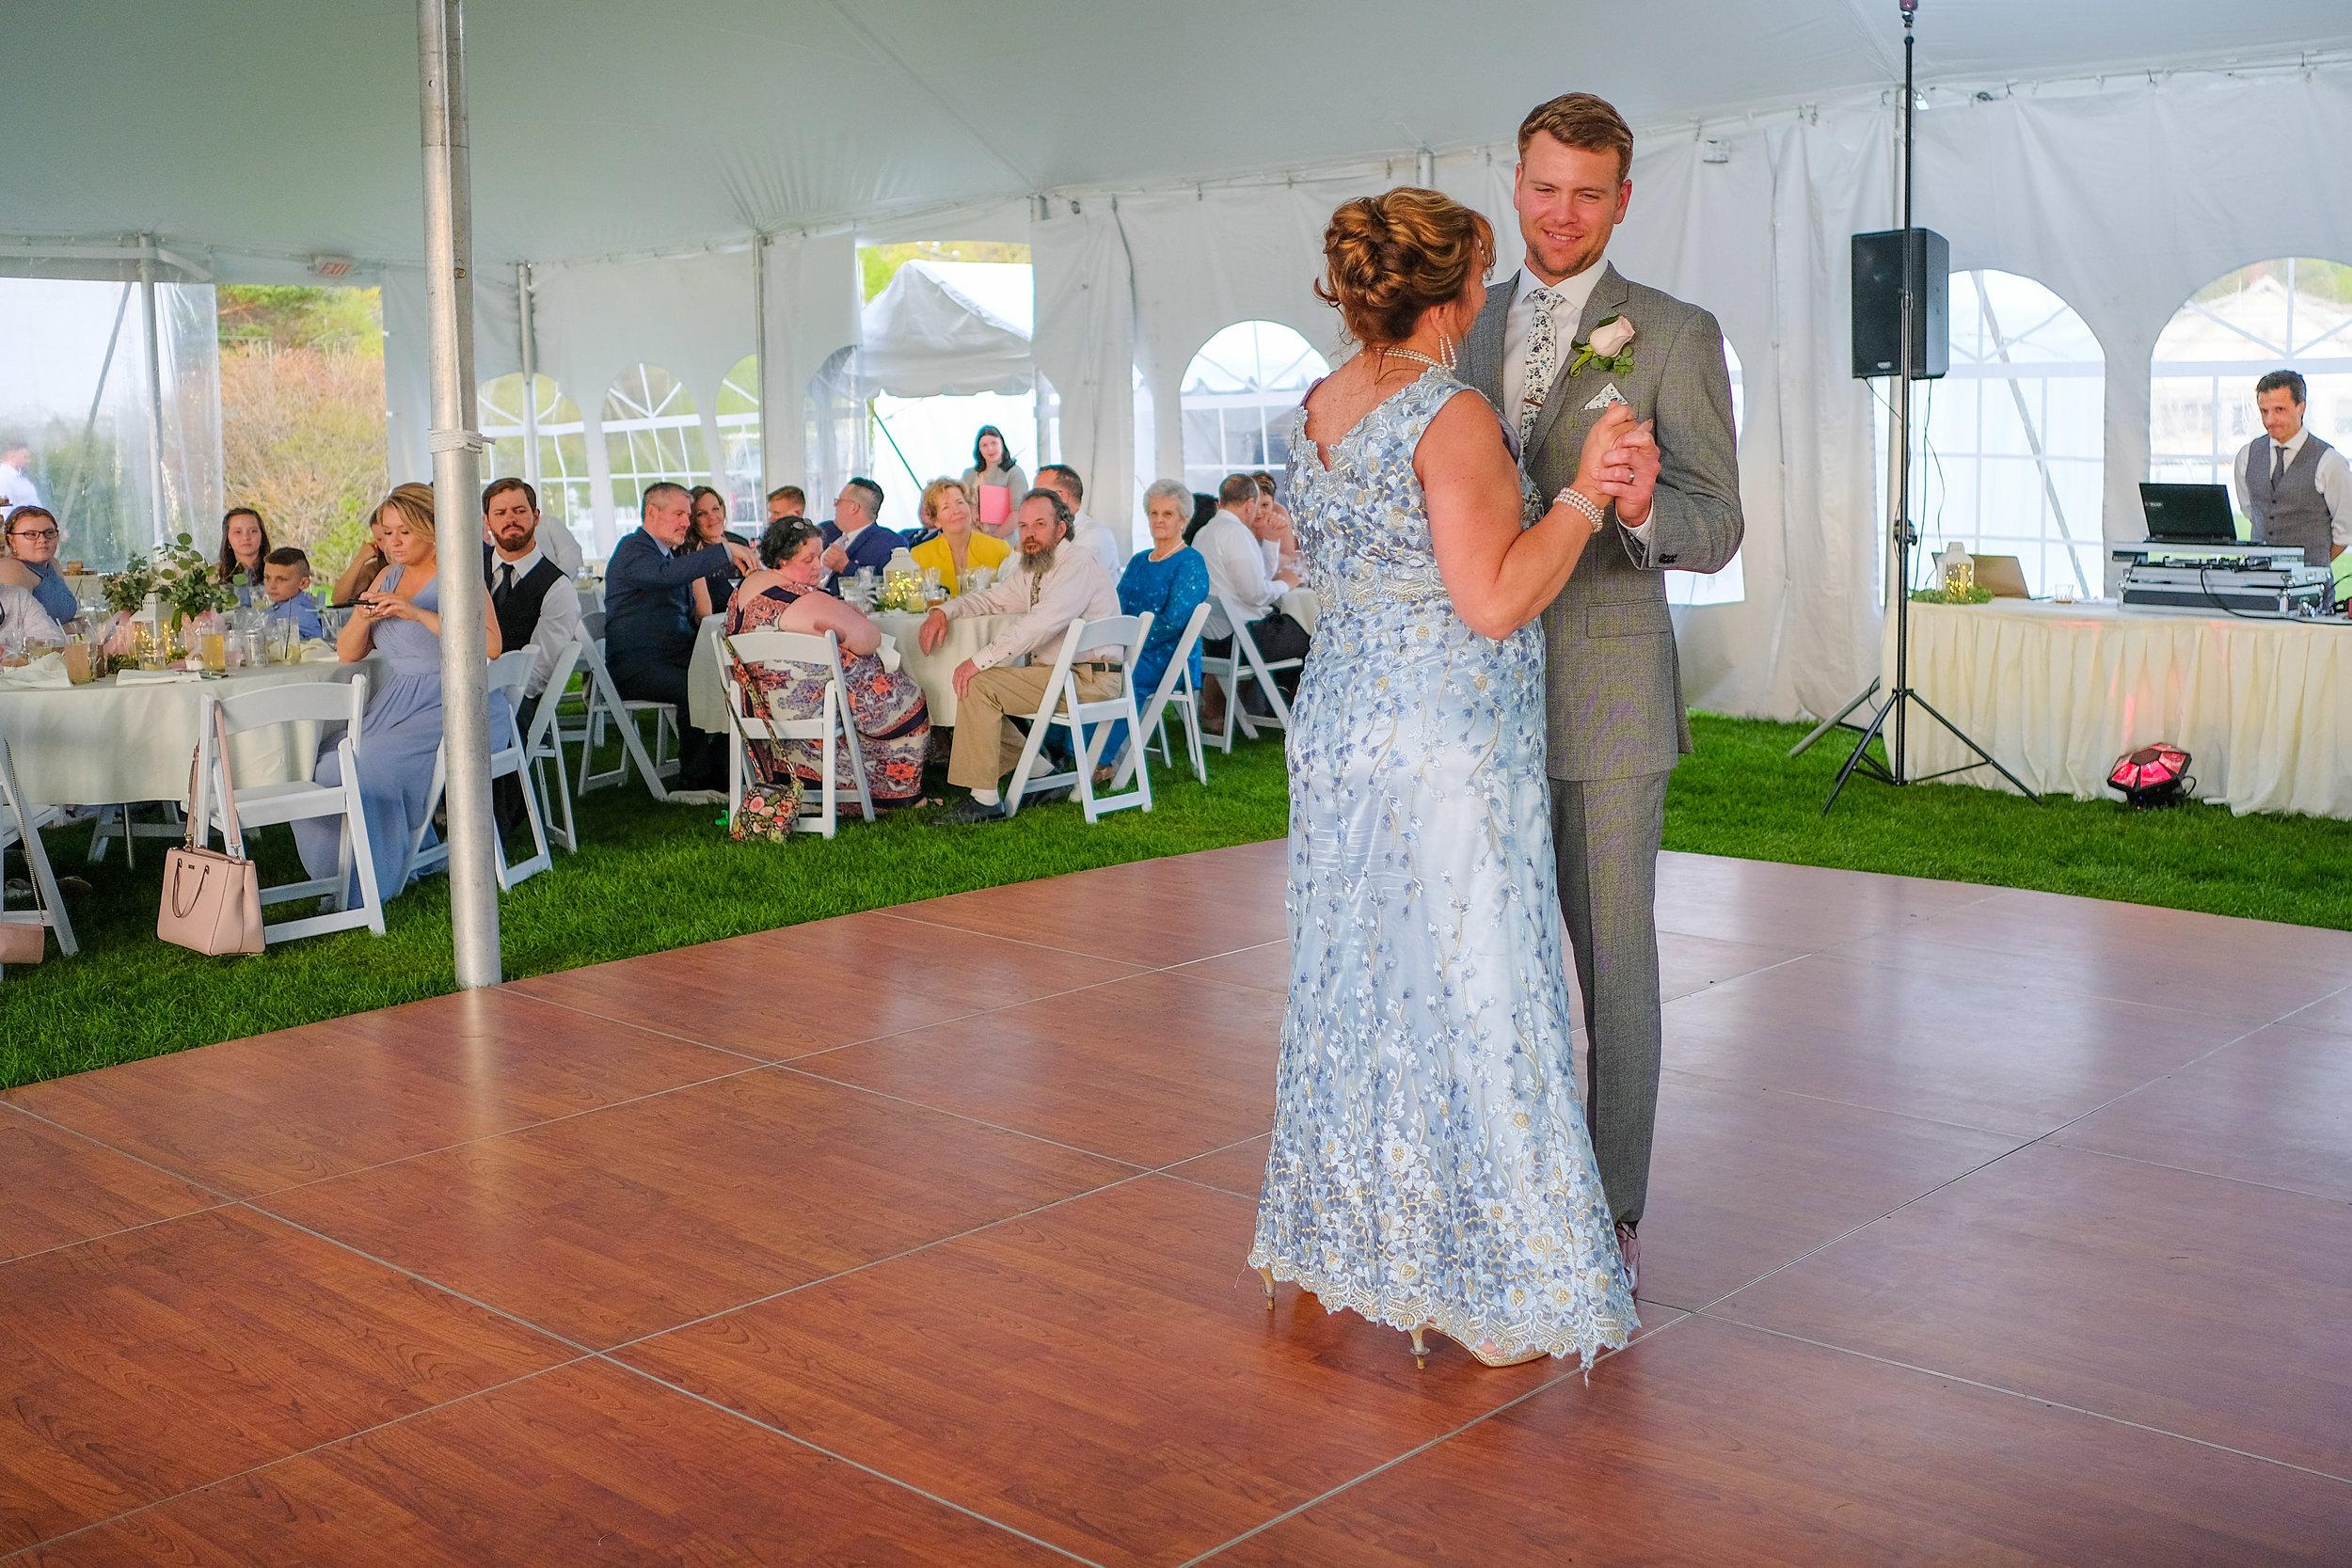 laconia-margate-wedding-photography-701.jpg